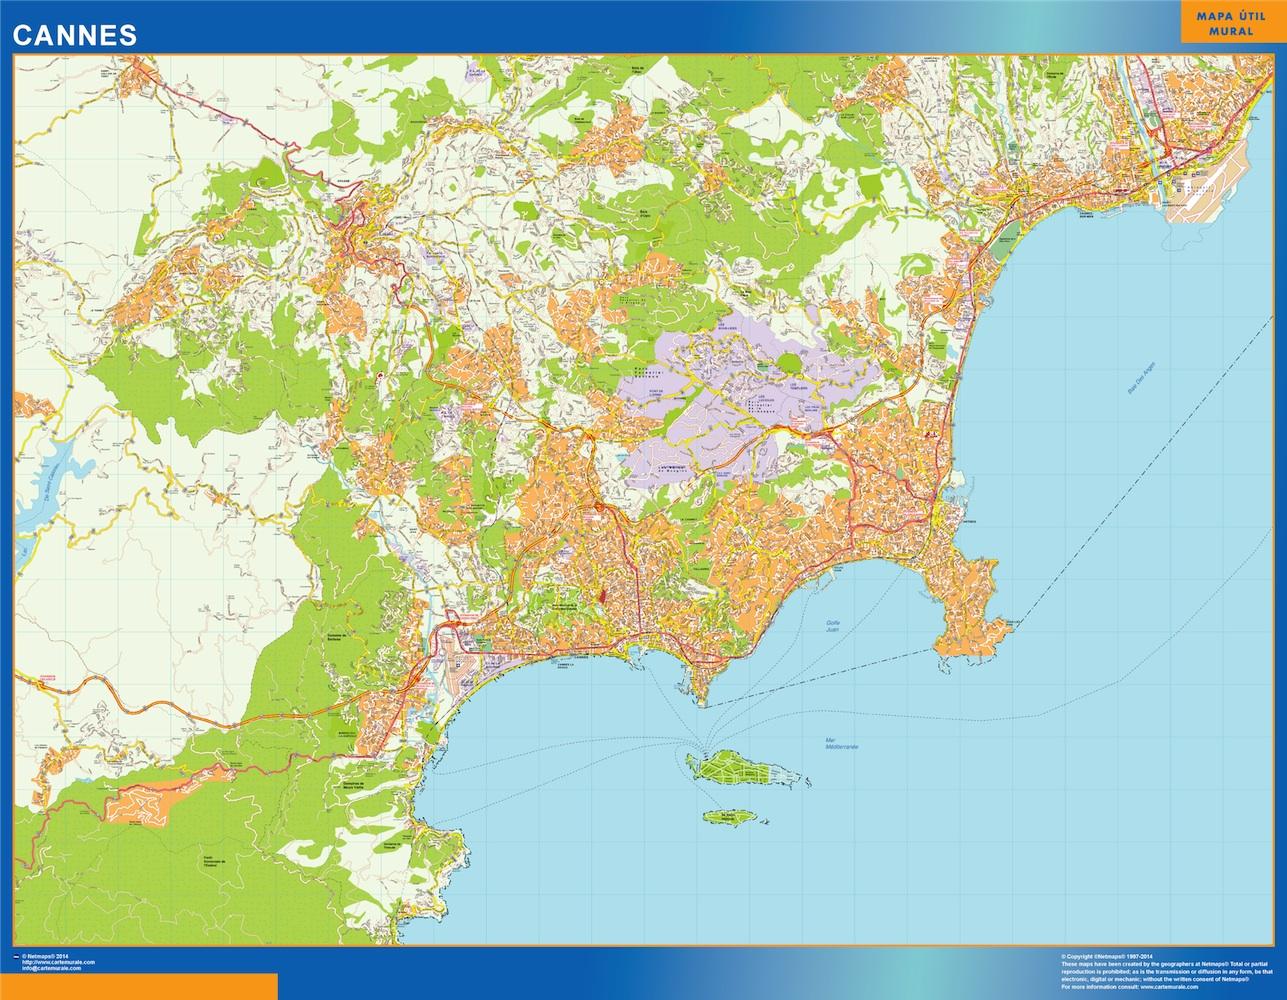 Mapa Cannes en Francia plastificado gigante